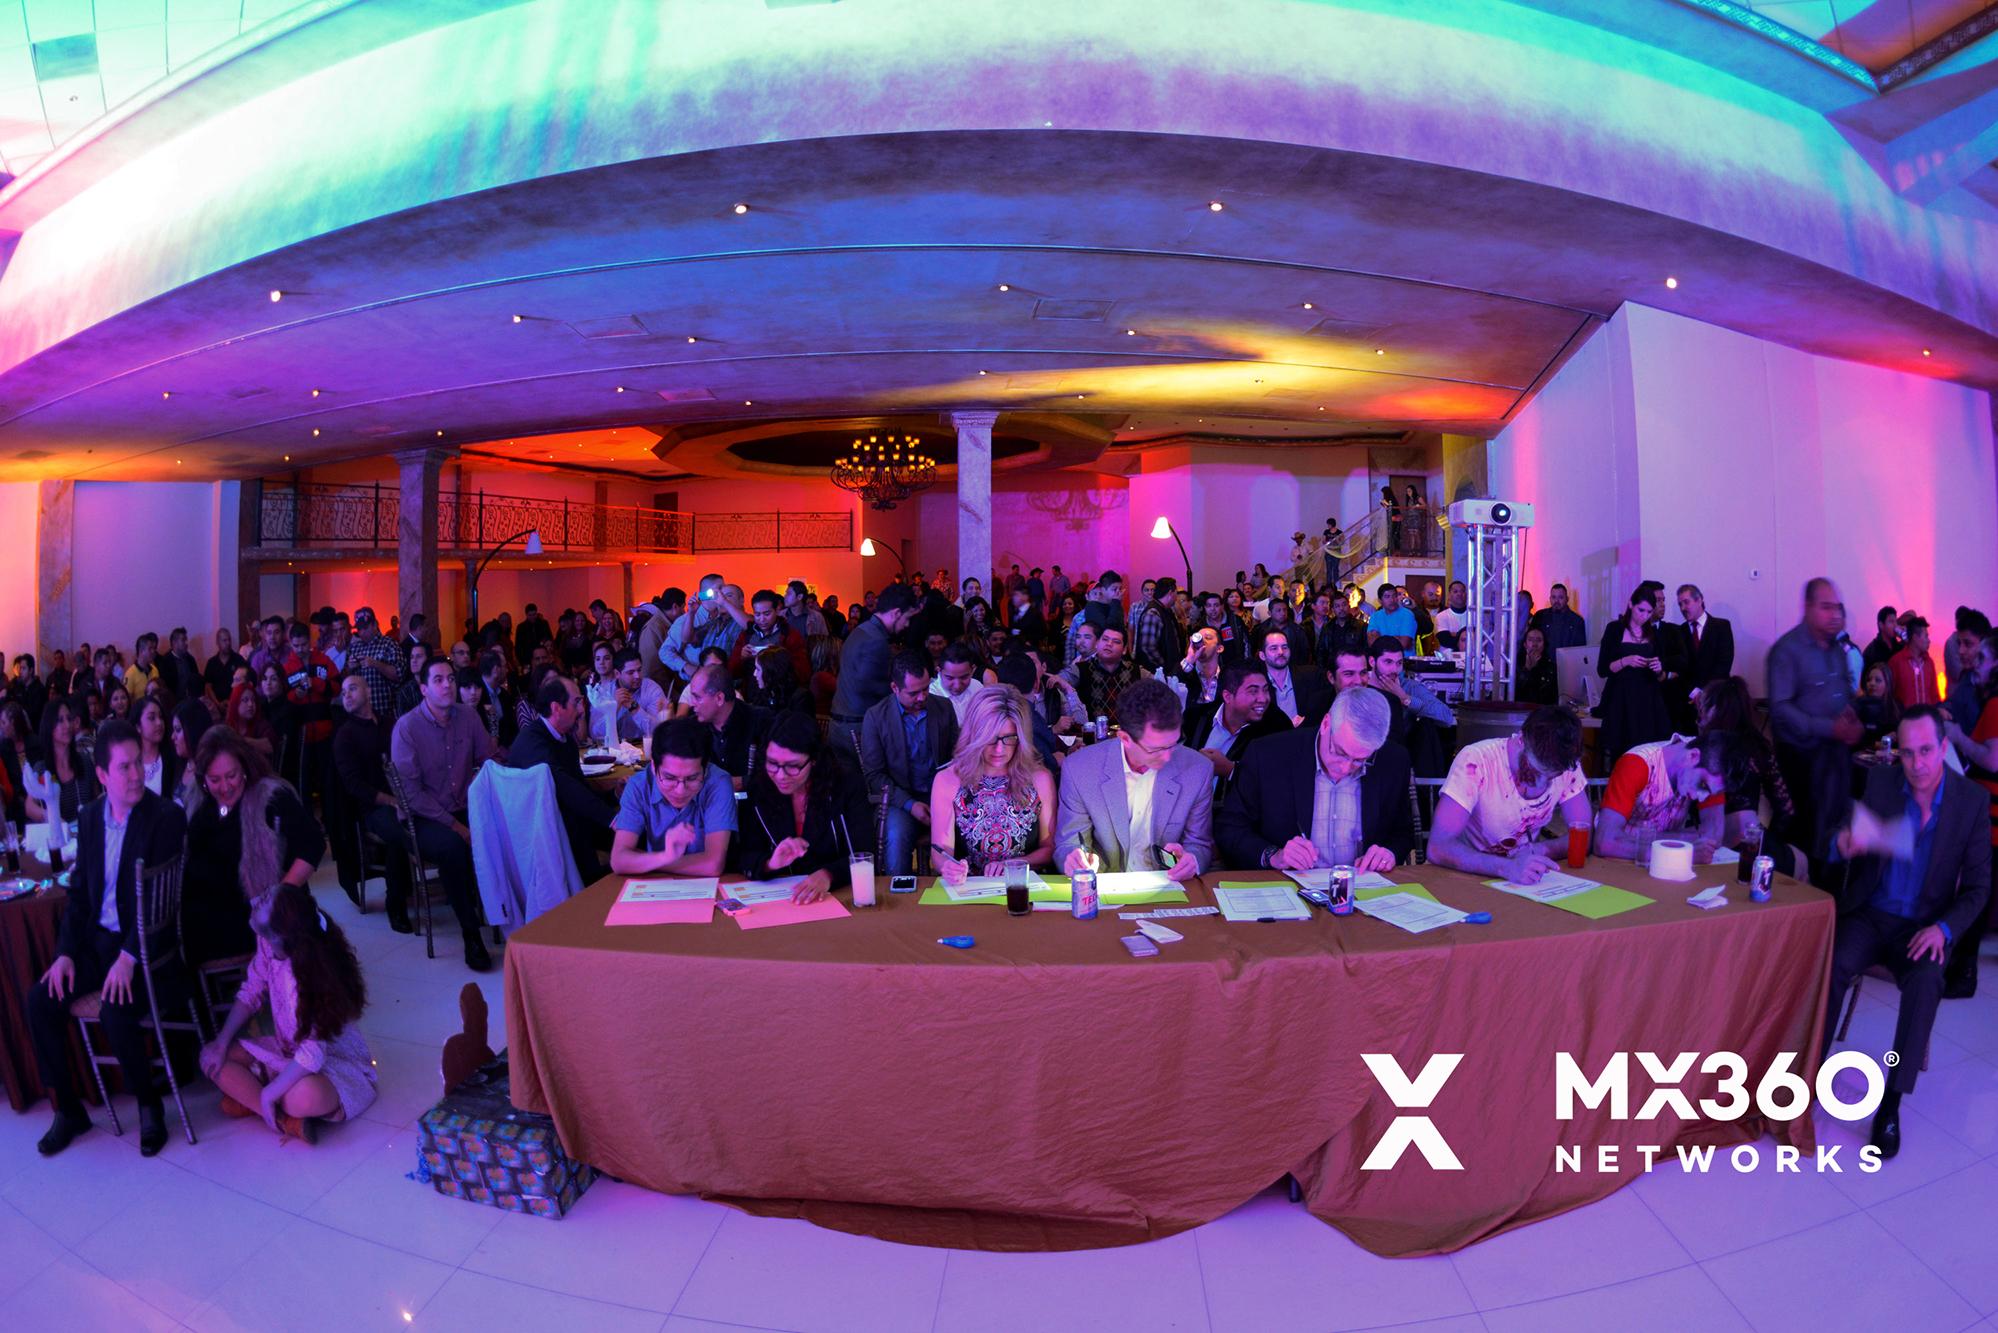 Iluminación, audio, Maquillaje, vestuario, halloween, fiesta zombie, Performance musical, organización de eventos, eventos corporativos, ambientación y decoración de eventos, eventos monterrey.